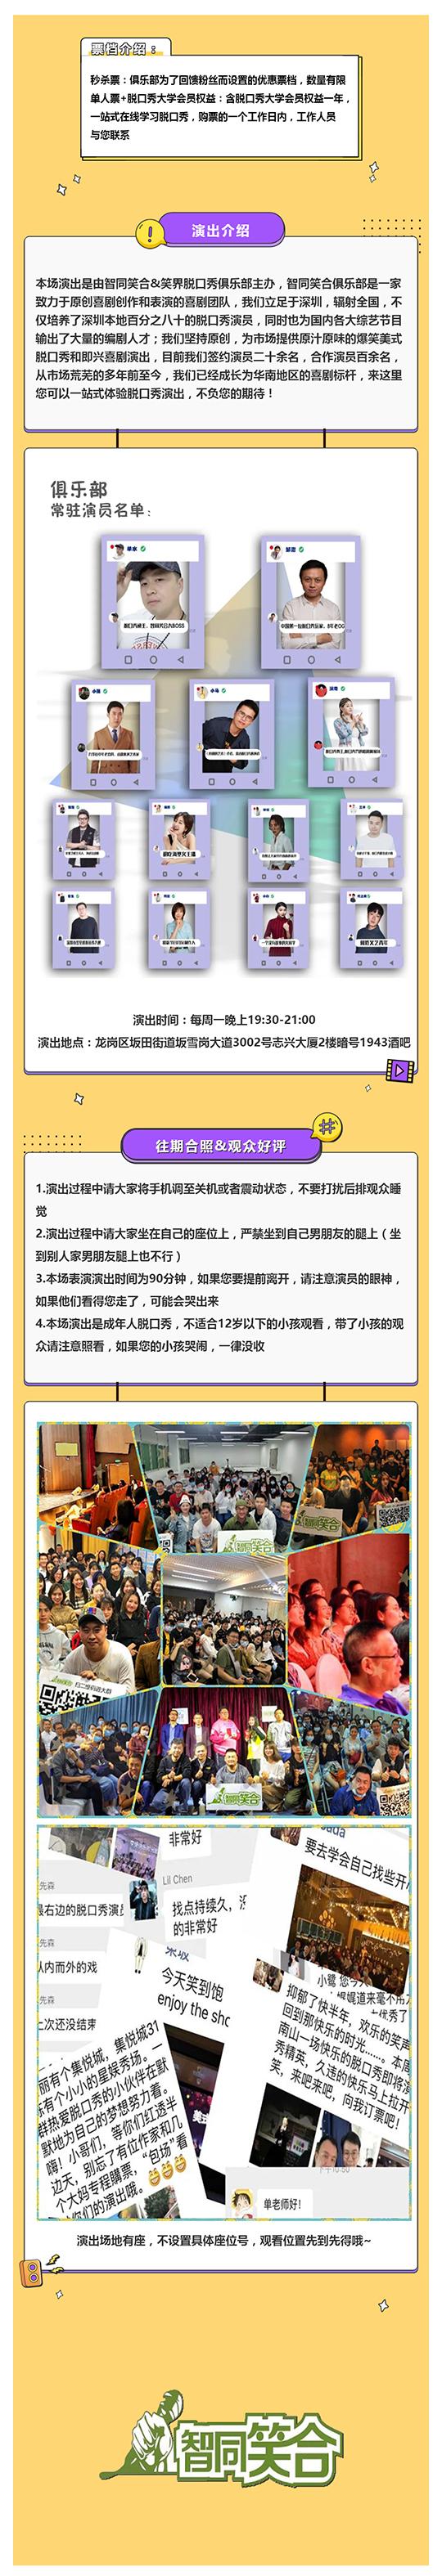 【深圳】笑界脱口秀 每周一微剧场-龙岗站演出时间、地点及票价(附购票入口)